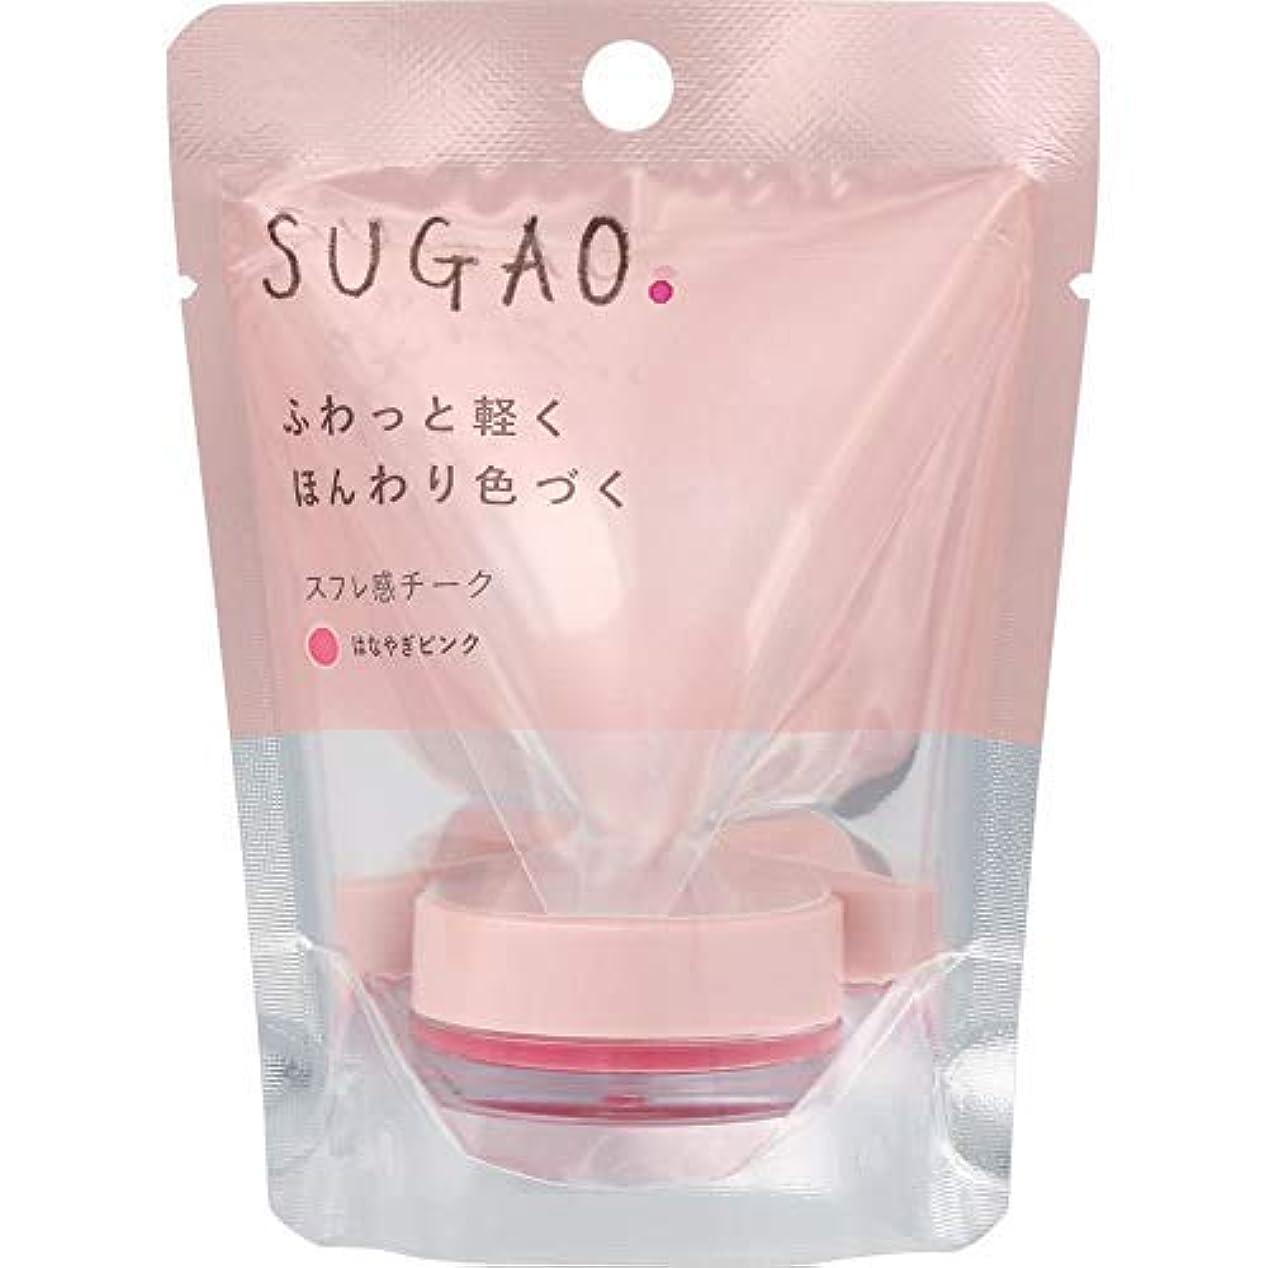 進行中プレフィックス変換SUGAO スフレ感チーク はなやぎピンク × 6個セット